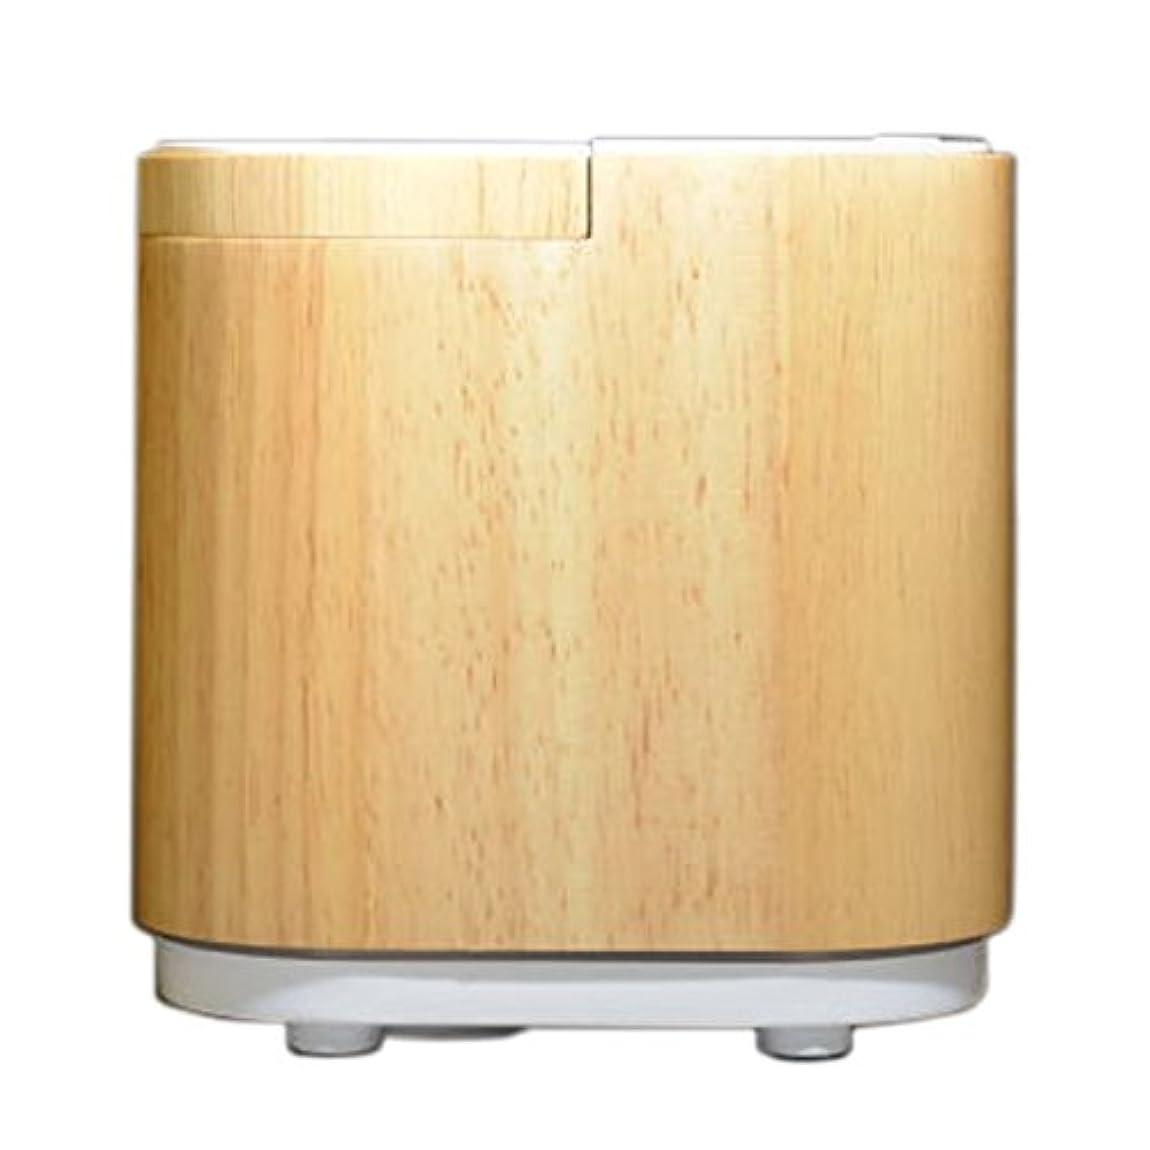 欲求不満征服者ポータブル生活の木 アロモアウッド [aromore] エッセンシャルオイルディフューザー アロマディフューザー